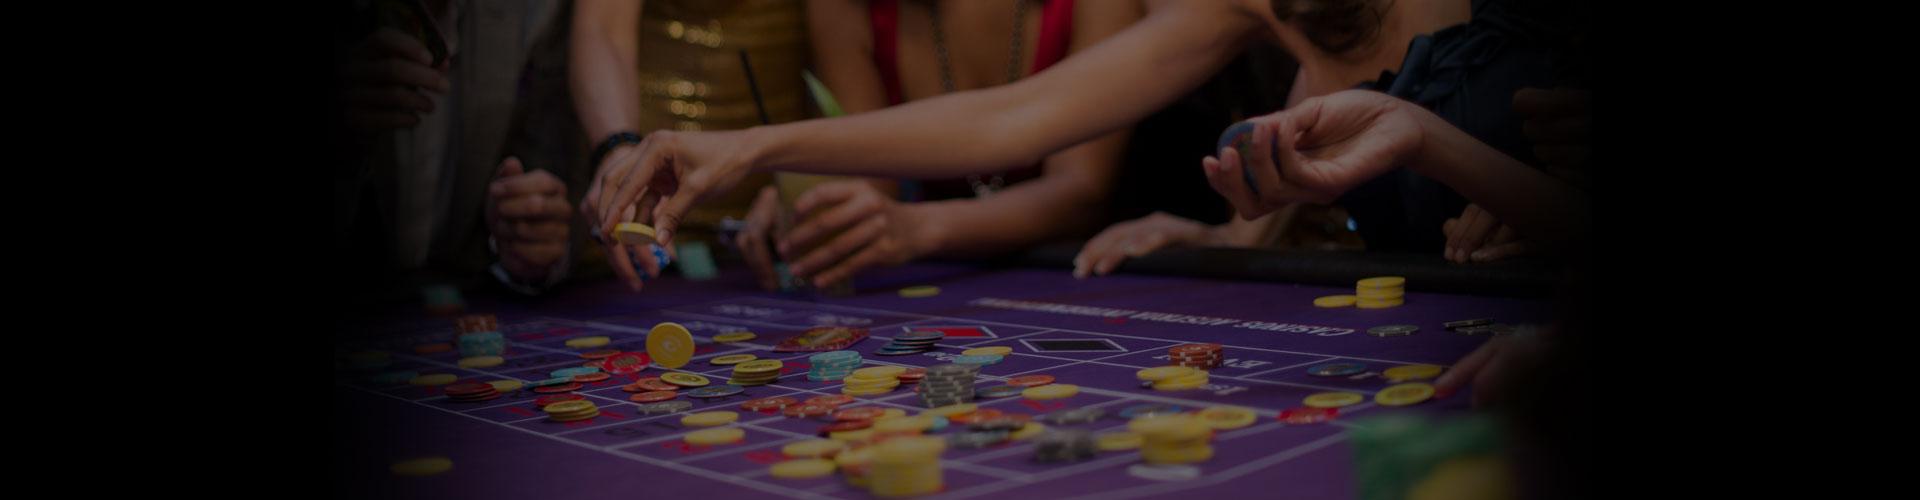 Casino echtgeld bonus code ohne einzahlung